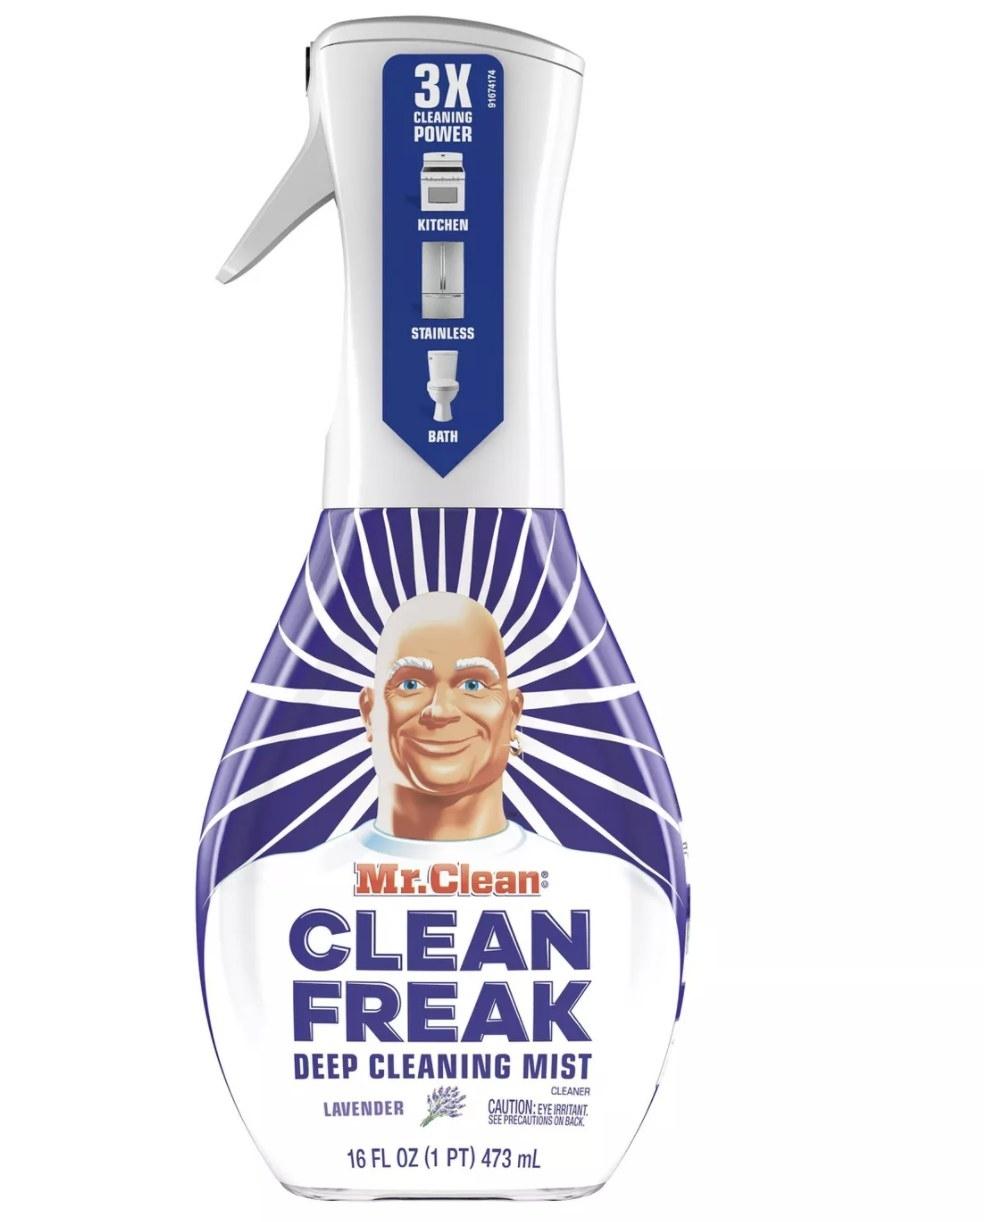 The Mr. Clean spray bottle